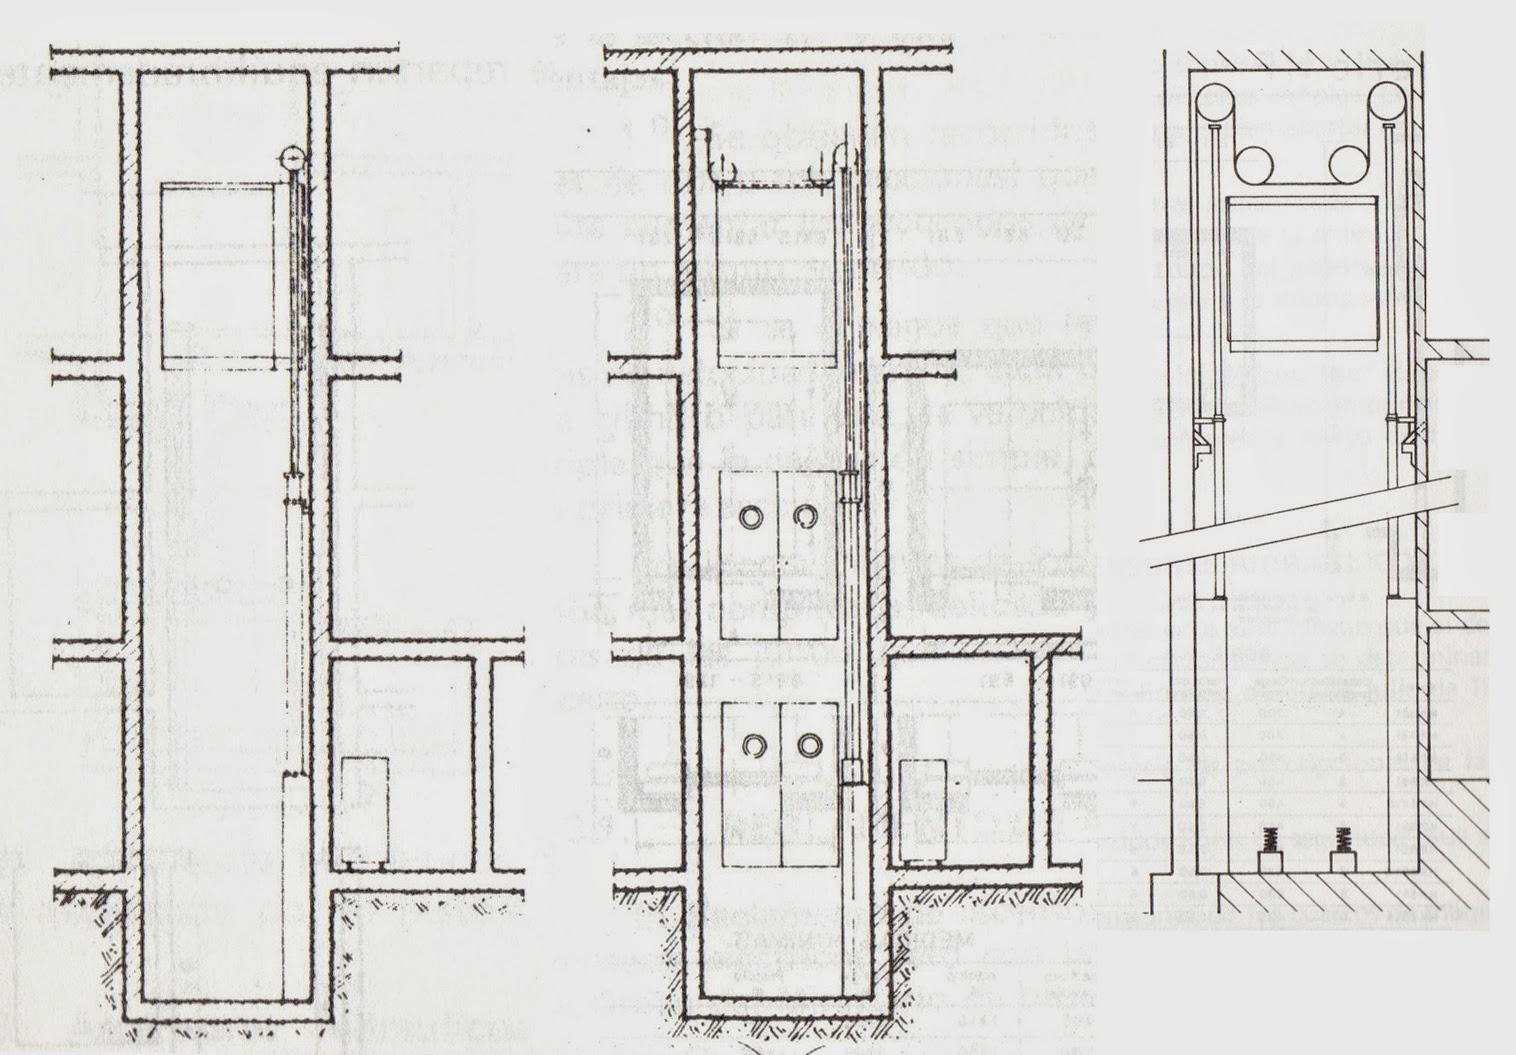 Precio ascensor hidraulico 3 paradas affordable ascensor for Precio ascensor hidraulico 3 paradas